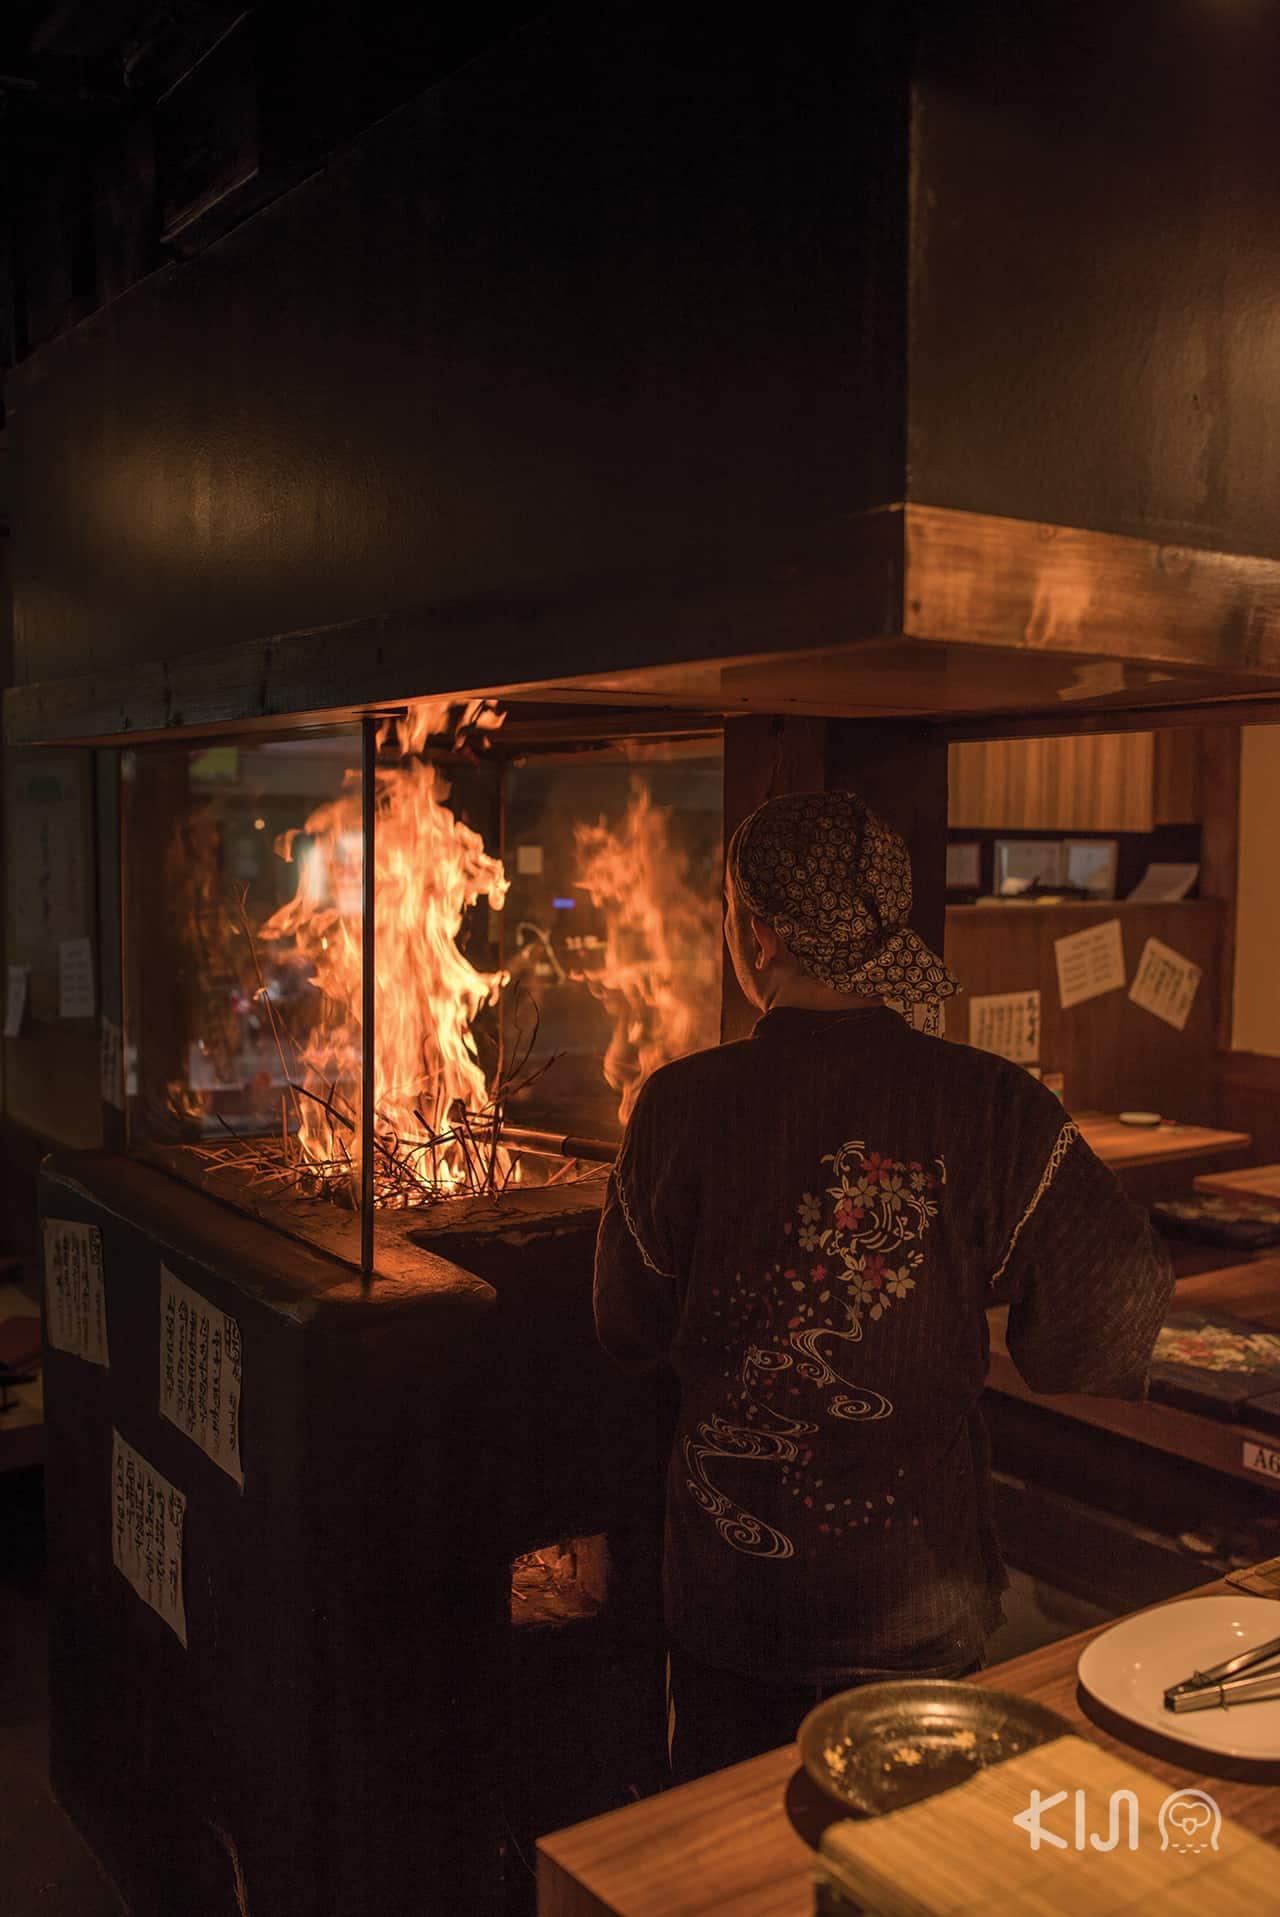 """ร้าน Hachikin : """"โรบะตะ"""" การย่างปลาด้วยกรรมวิธีแบบโบราณ เอกลักษณ์คือการใช้ฟางข้าวที่ได้หลังฤดูเก็บเกี่ยวเป็นเชื้อเพลิง พิถีพิถันทั้งเรื่องระดับความร้อนของไฟ"""